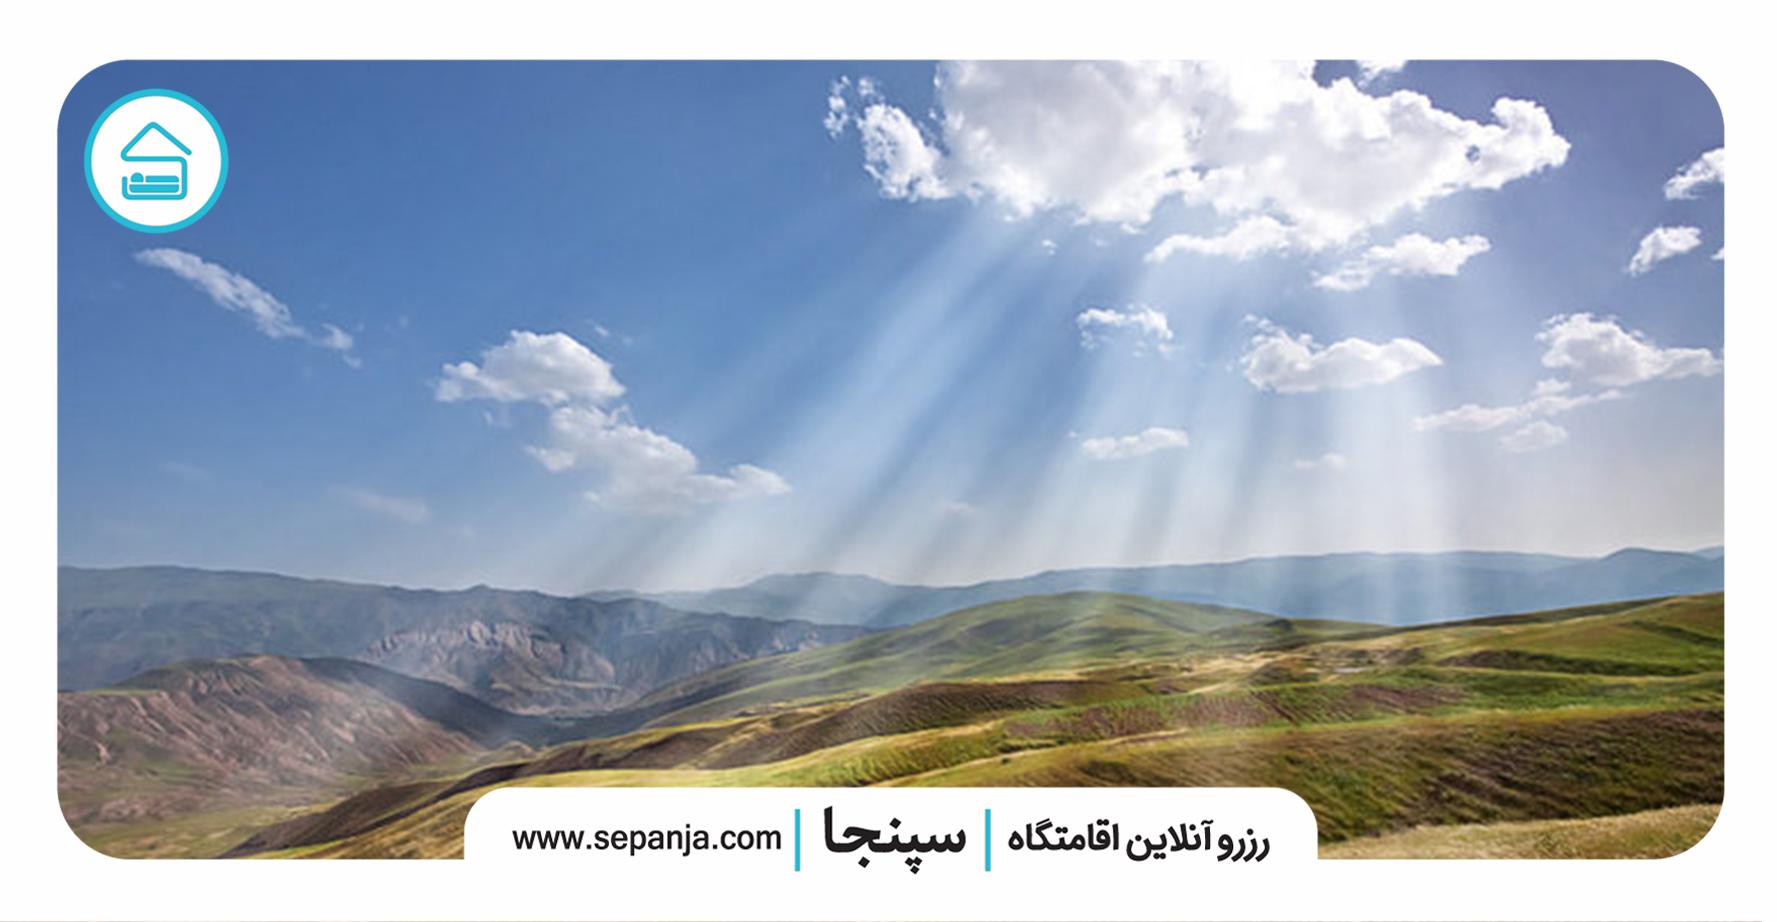 راهنمای سفر به قزوین از نظر مهرفی جاهای دیدنی این شهر